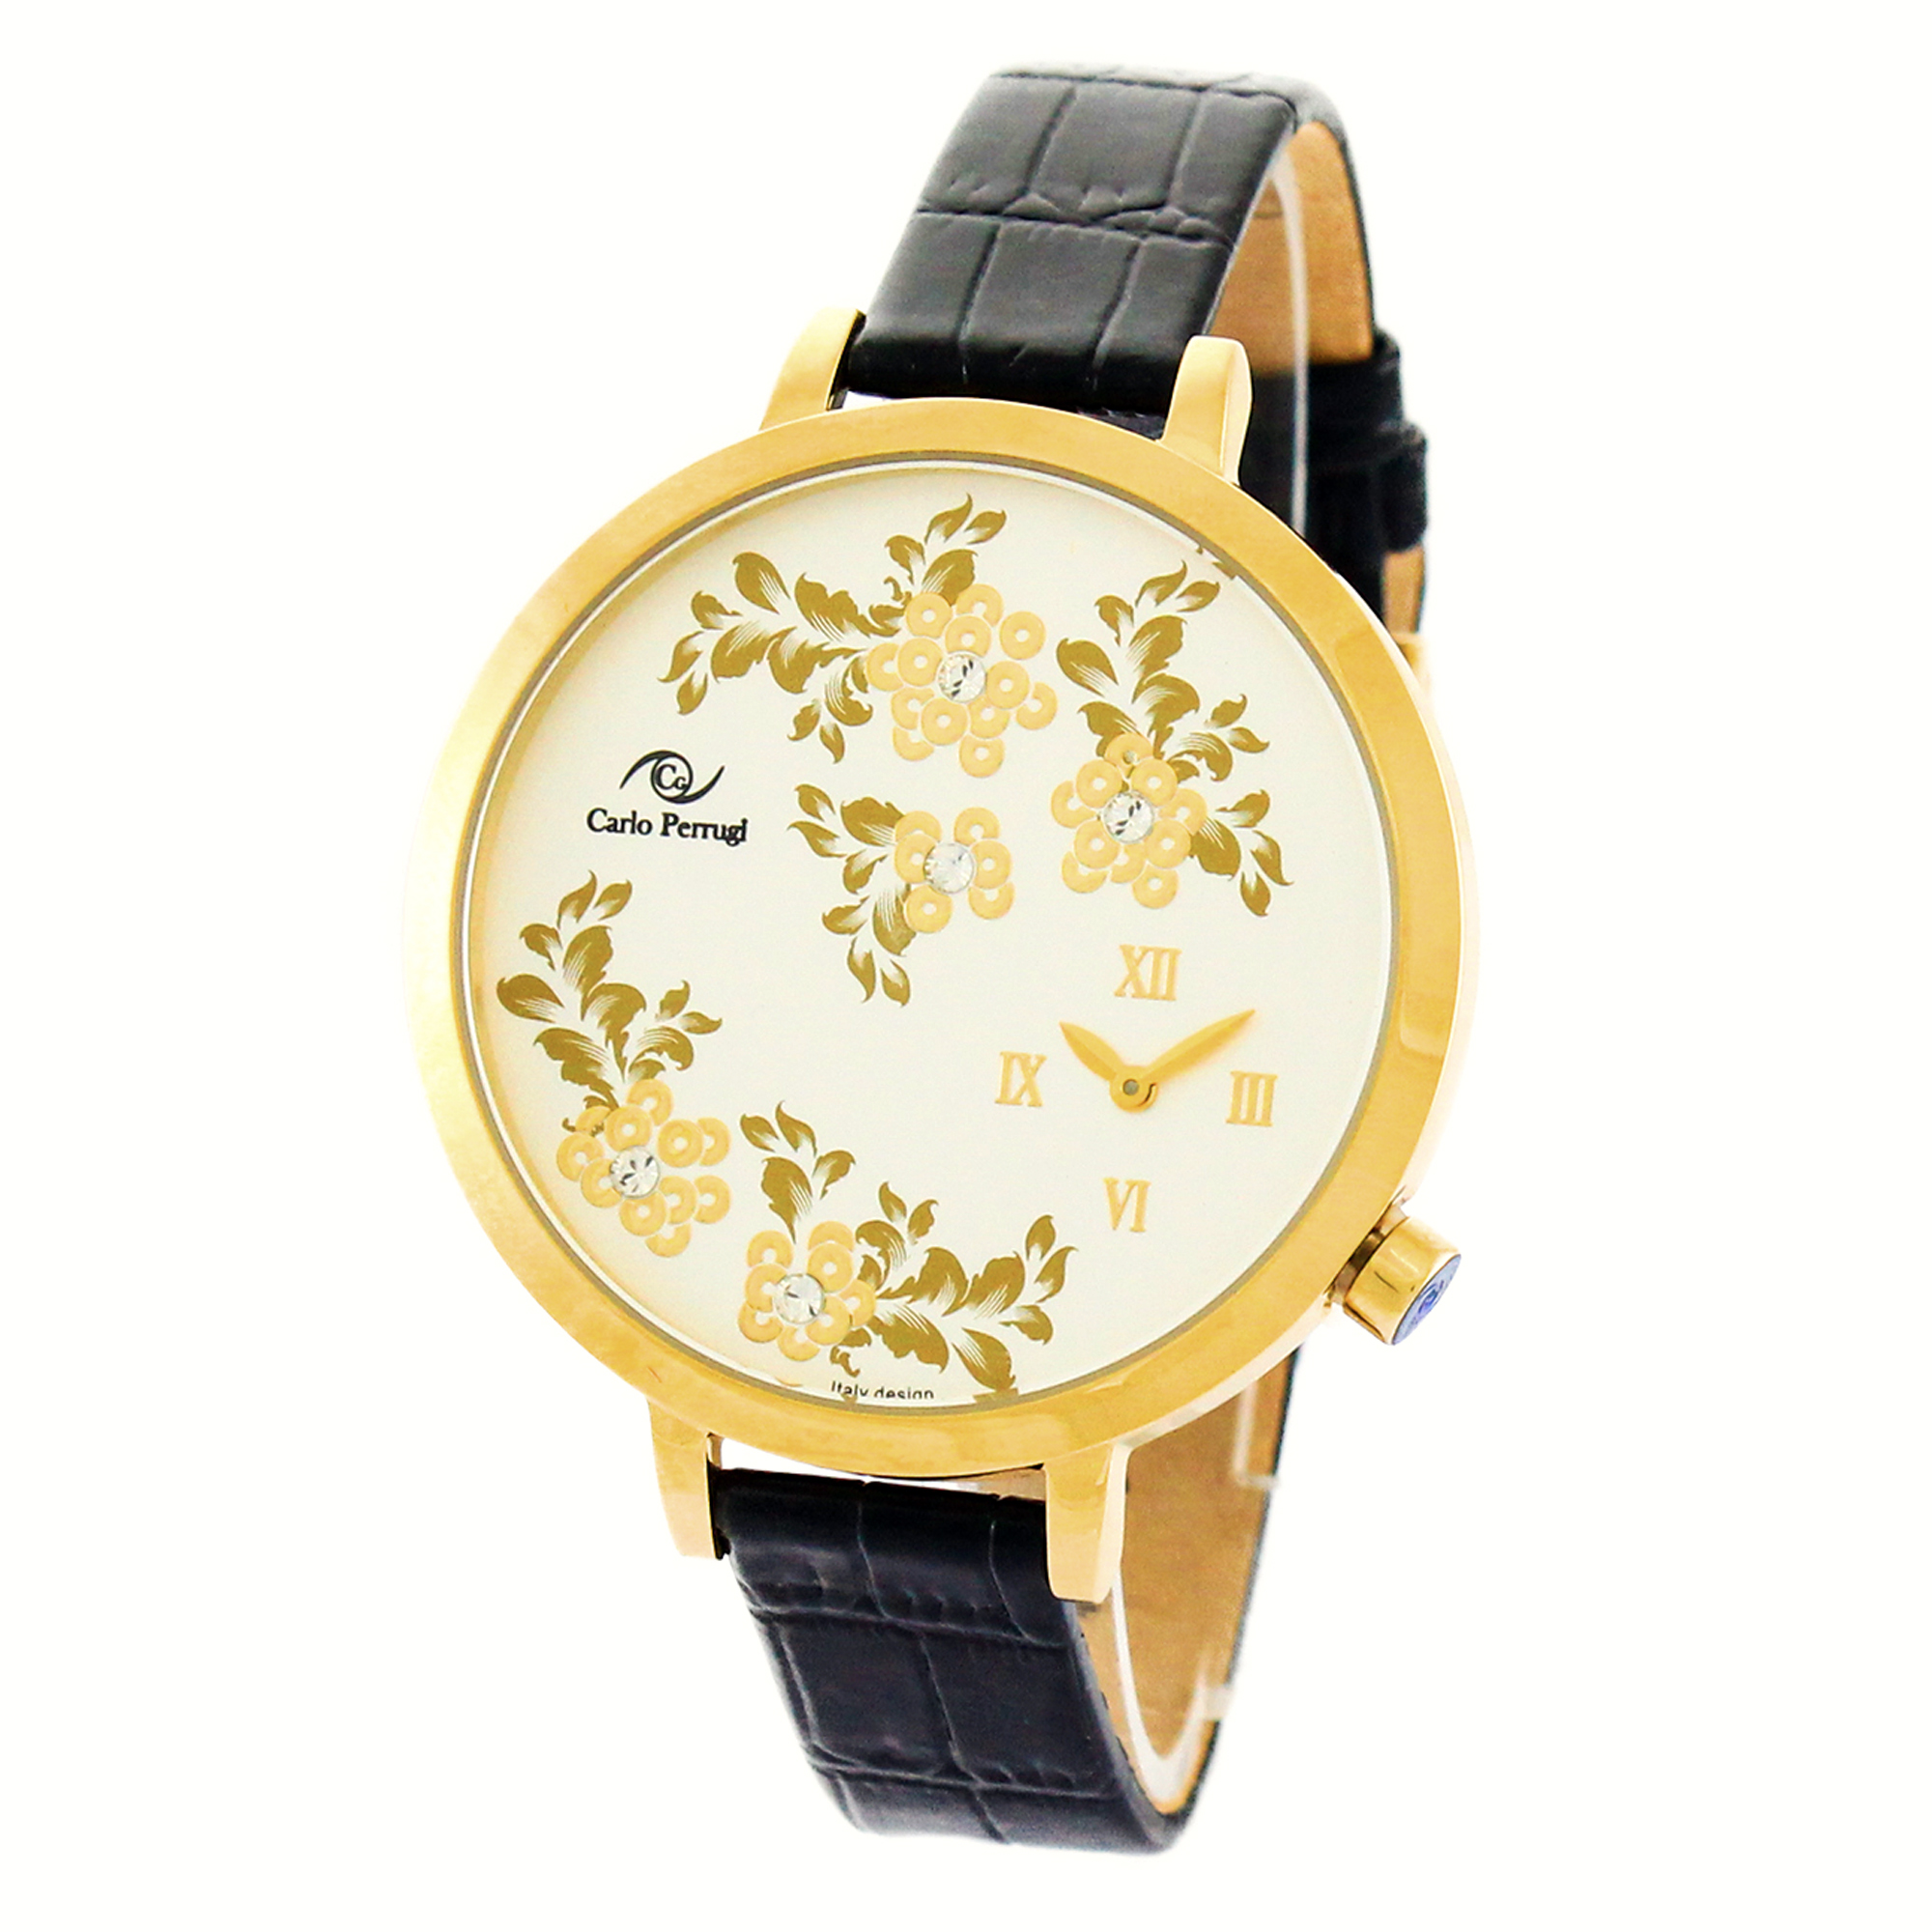 ساعت مچی عقربه ای زنانه کارلو پروجی مدل CG3006-2 28